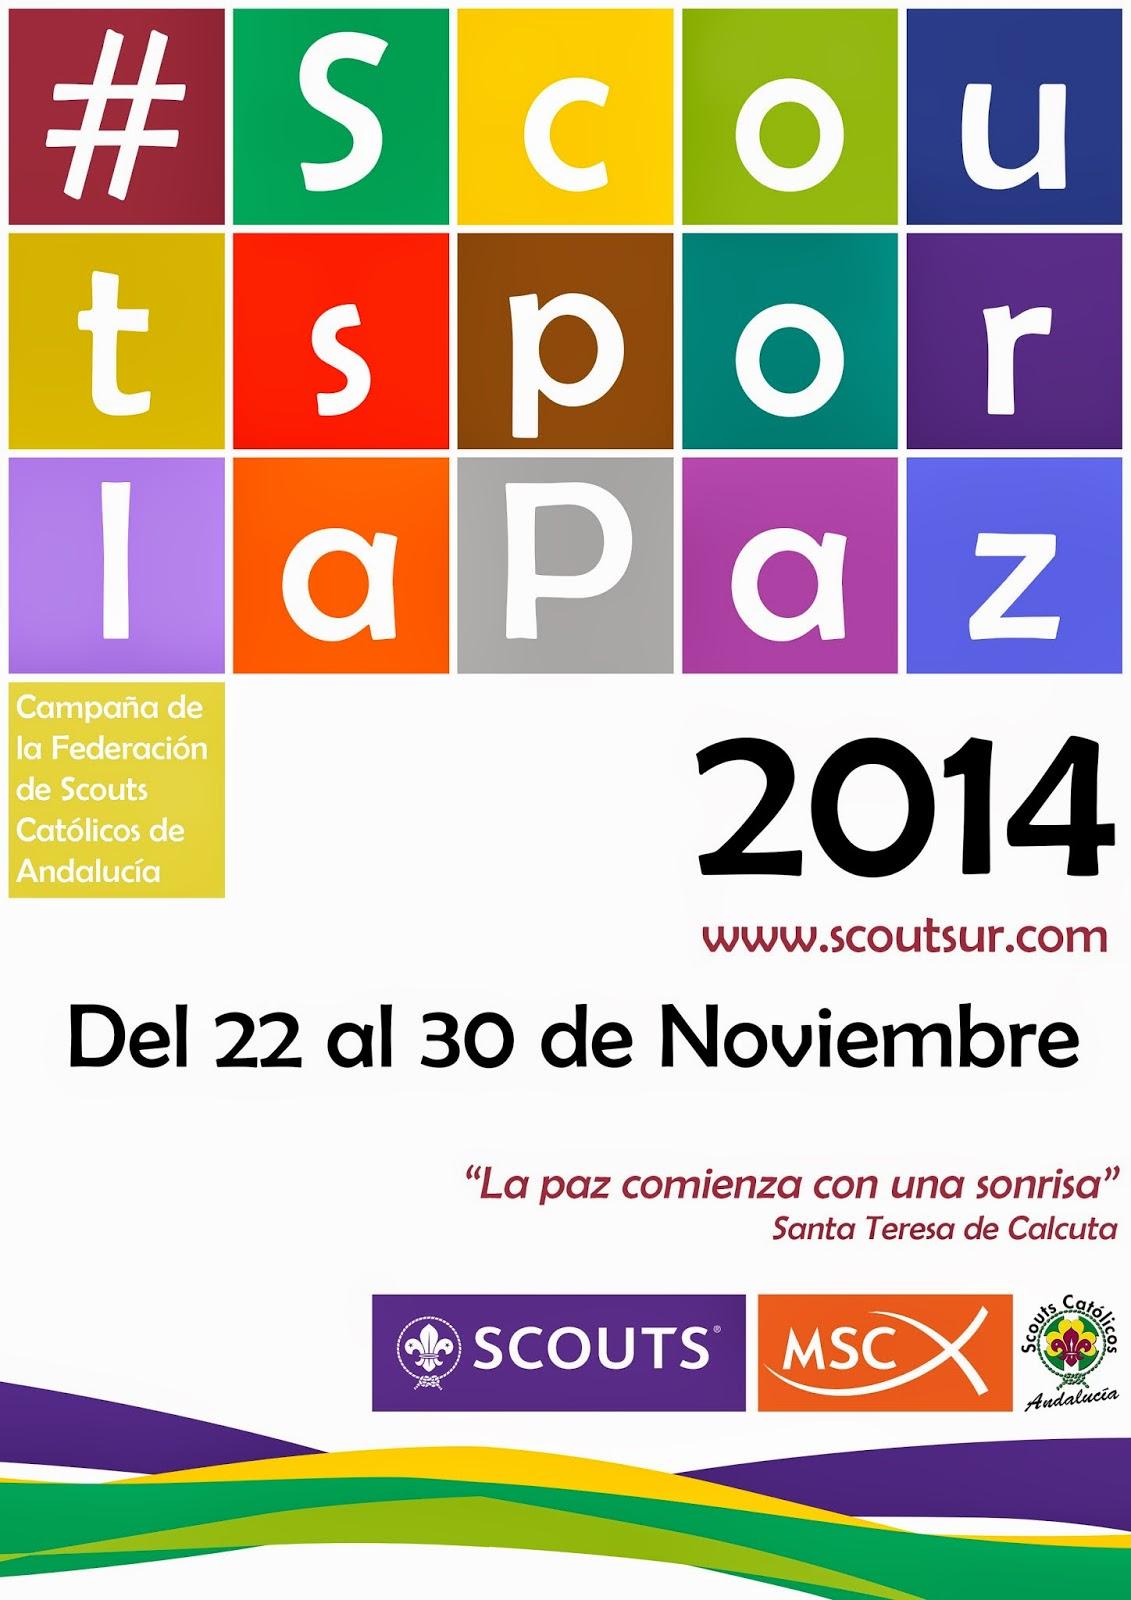 http://www.scoutsur.com/campana-scoutsporlapaz/